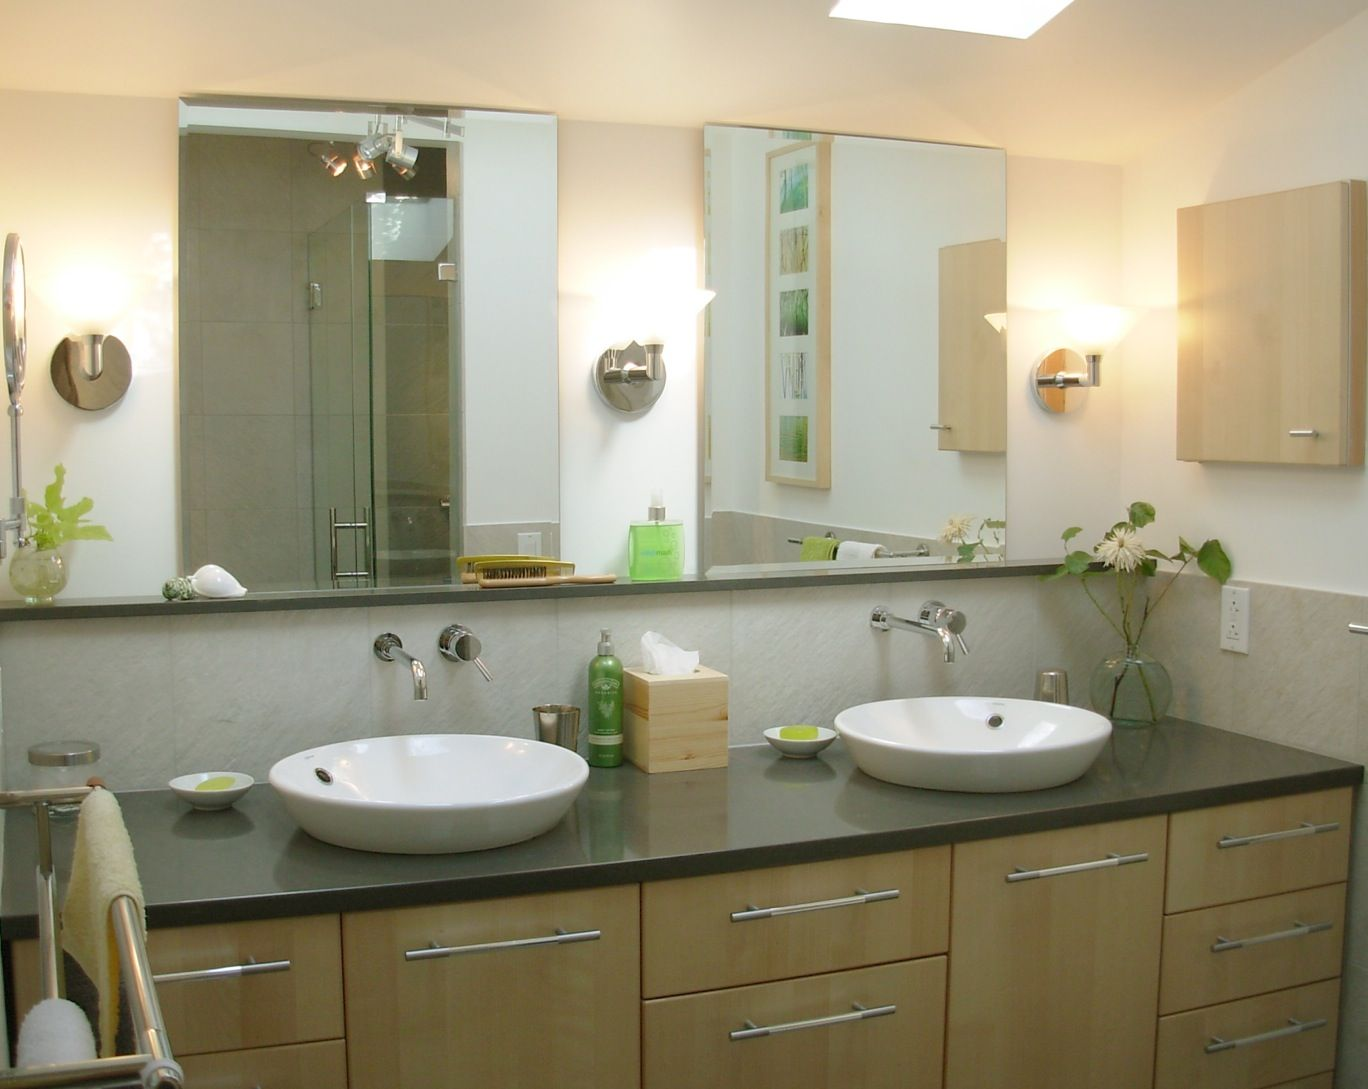 Bathroom Vanity Double Ikea   Bathroom   Pinterest   Bathroom ...